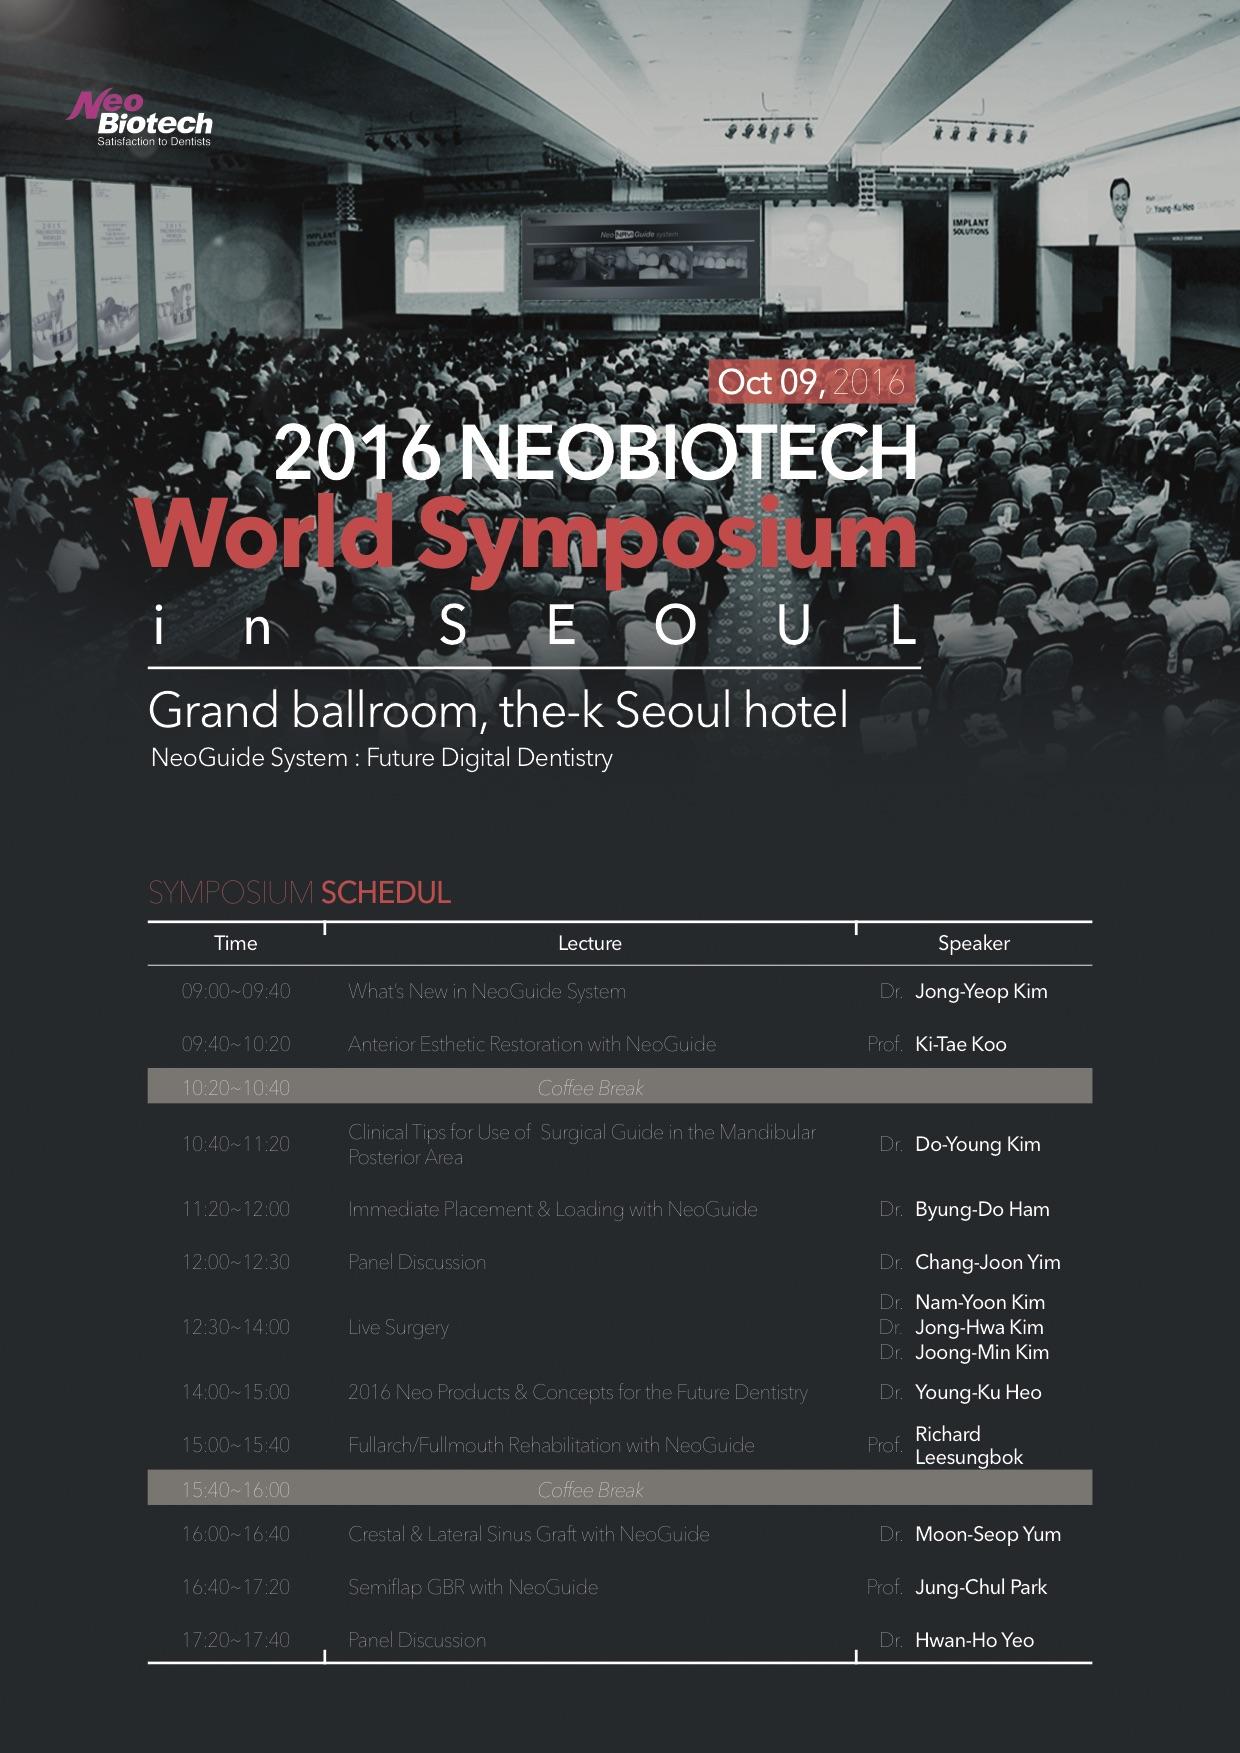 Необиотек_Сеул_Symposium_2016_2